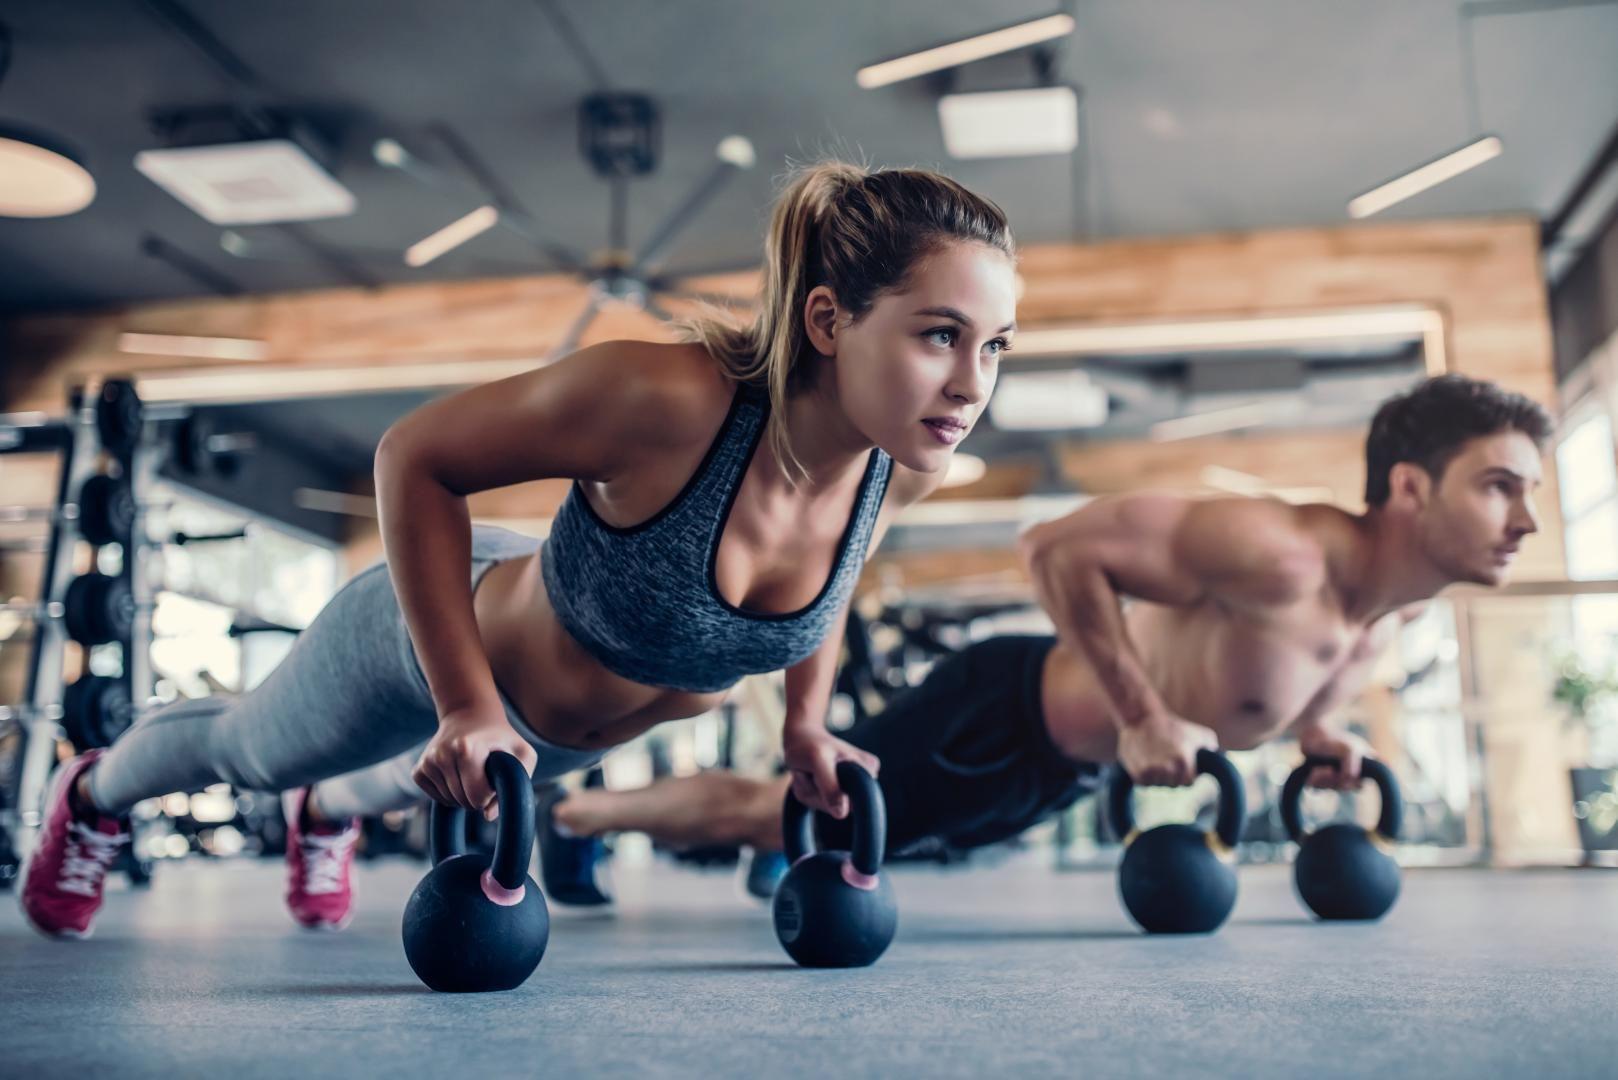 Richtige Sportart & Ernährung für jeden Körpertypen